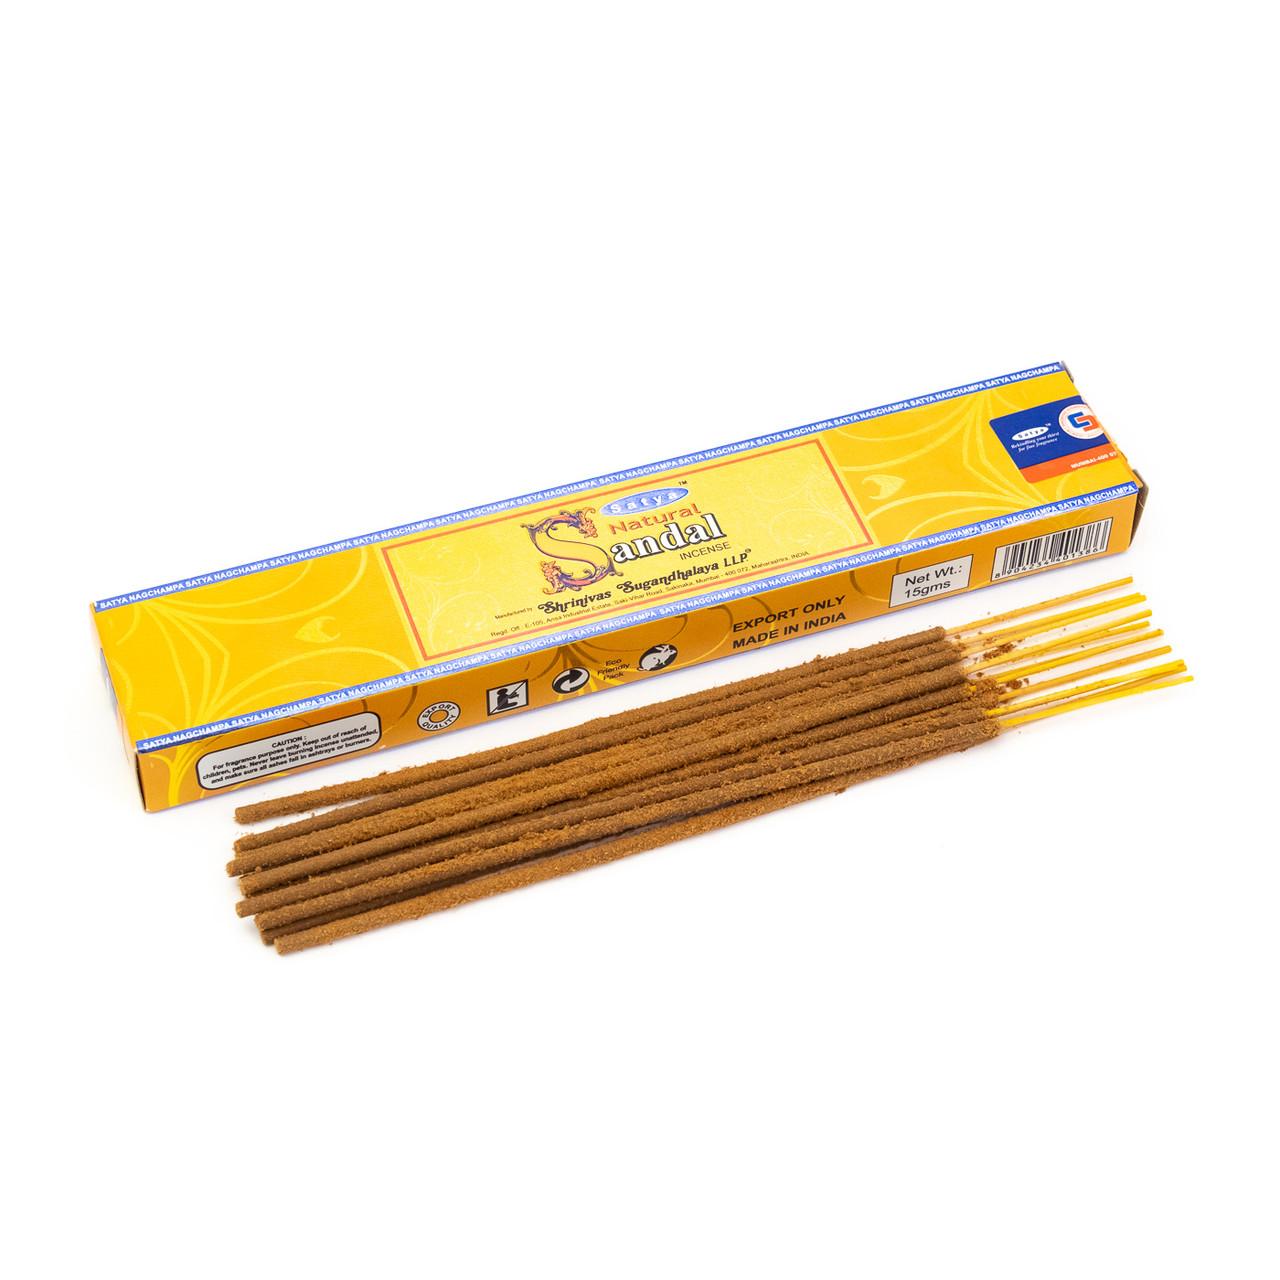 Natural Sandal Incense Sticks